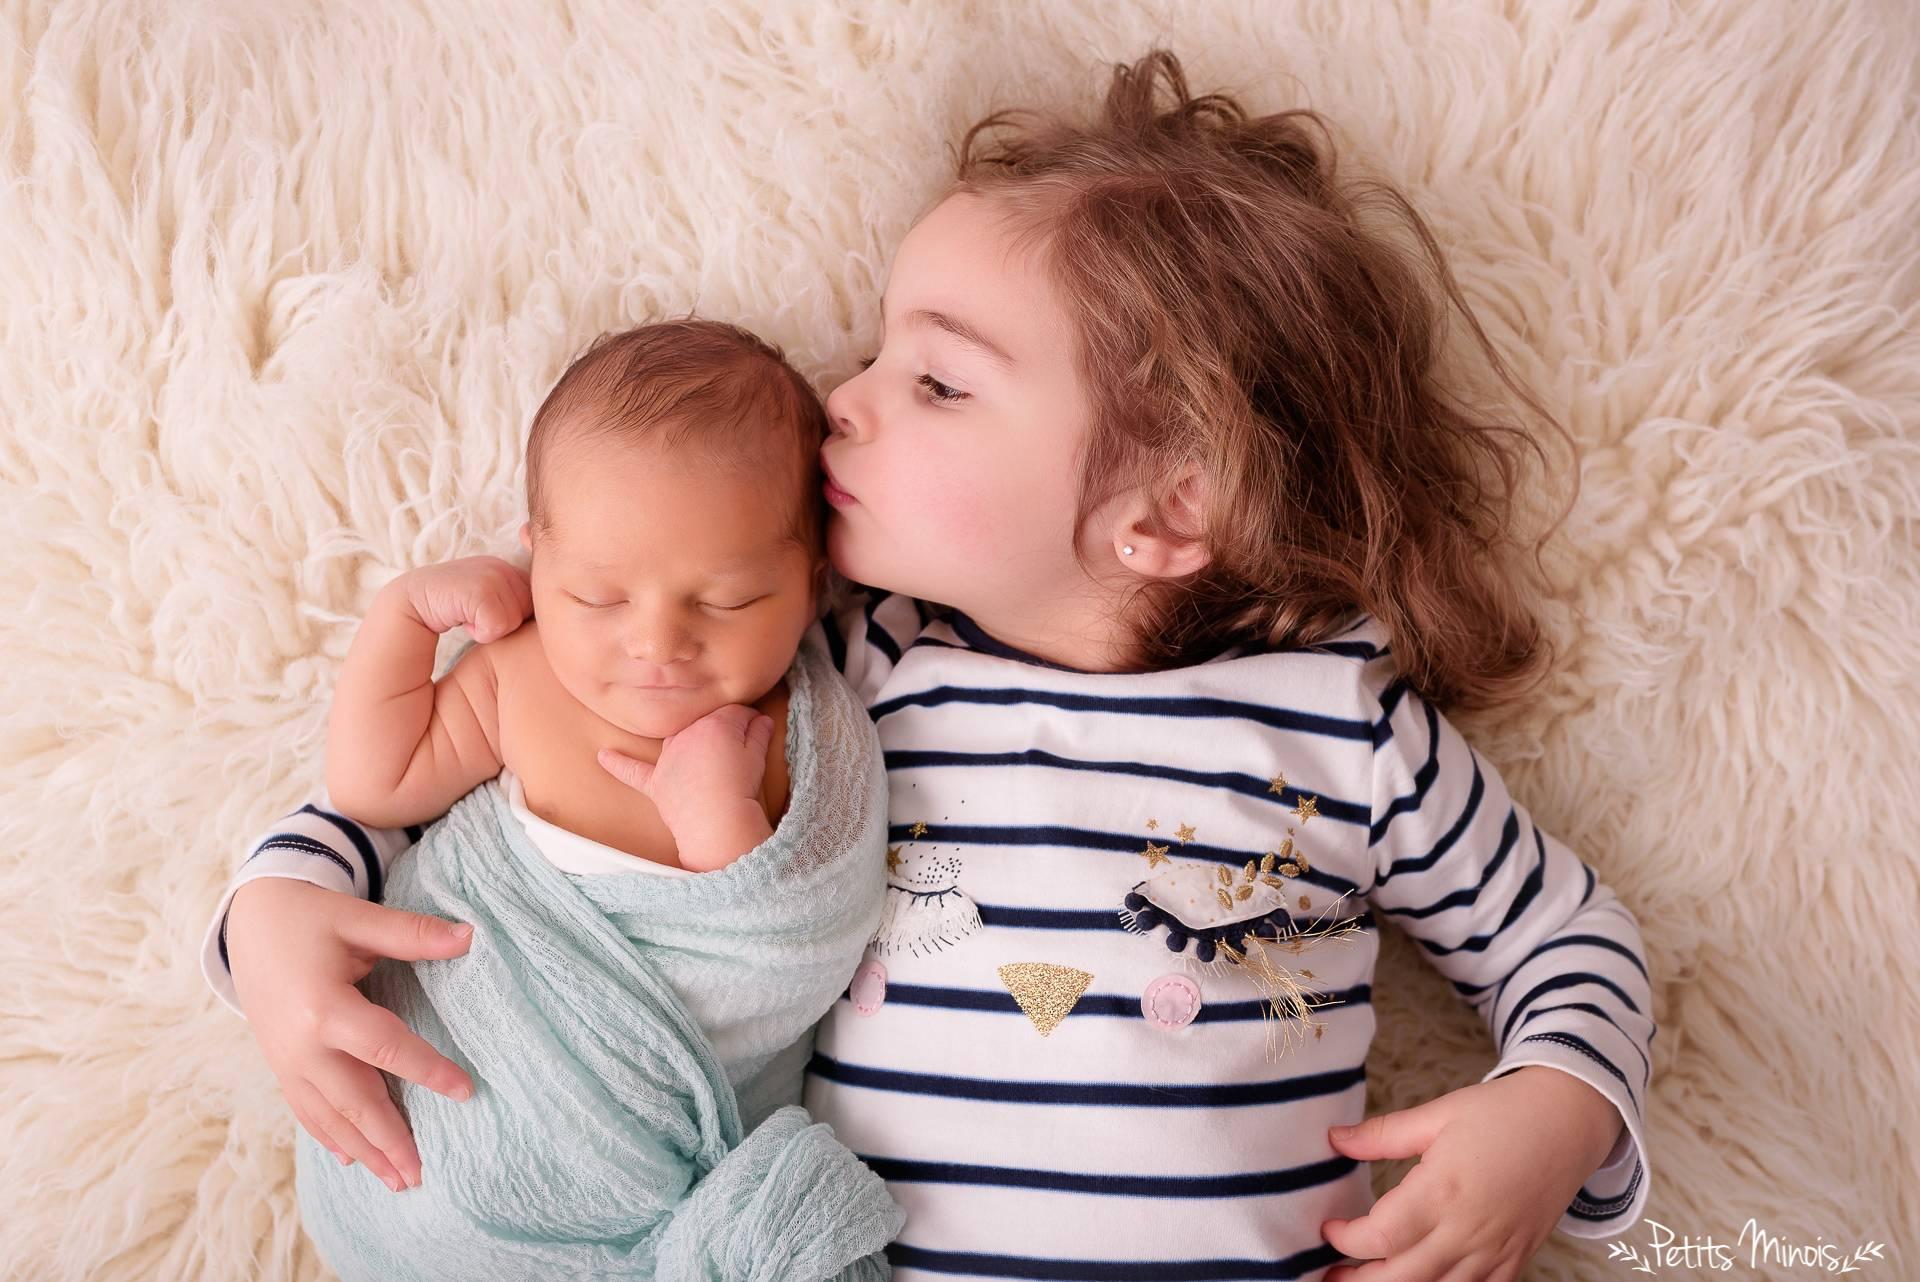 séance nouveau-né Petits Minois photographe brest